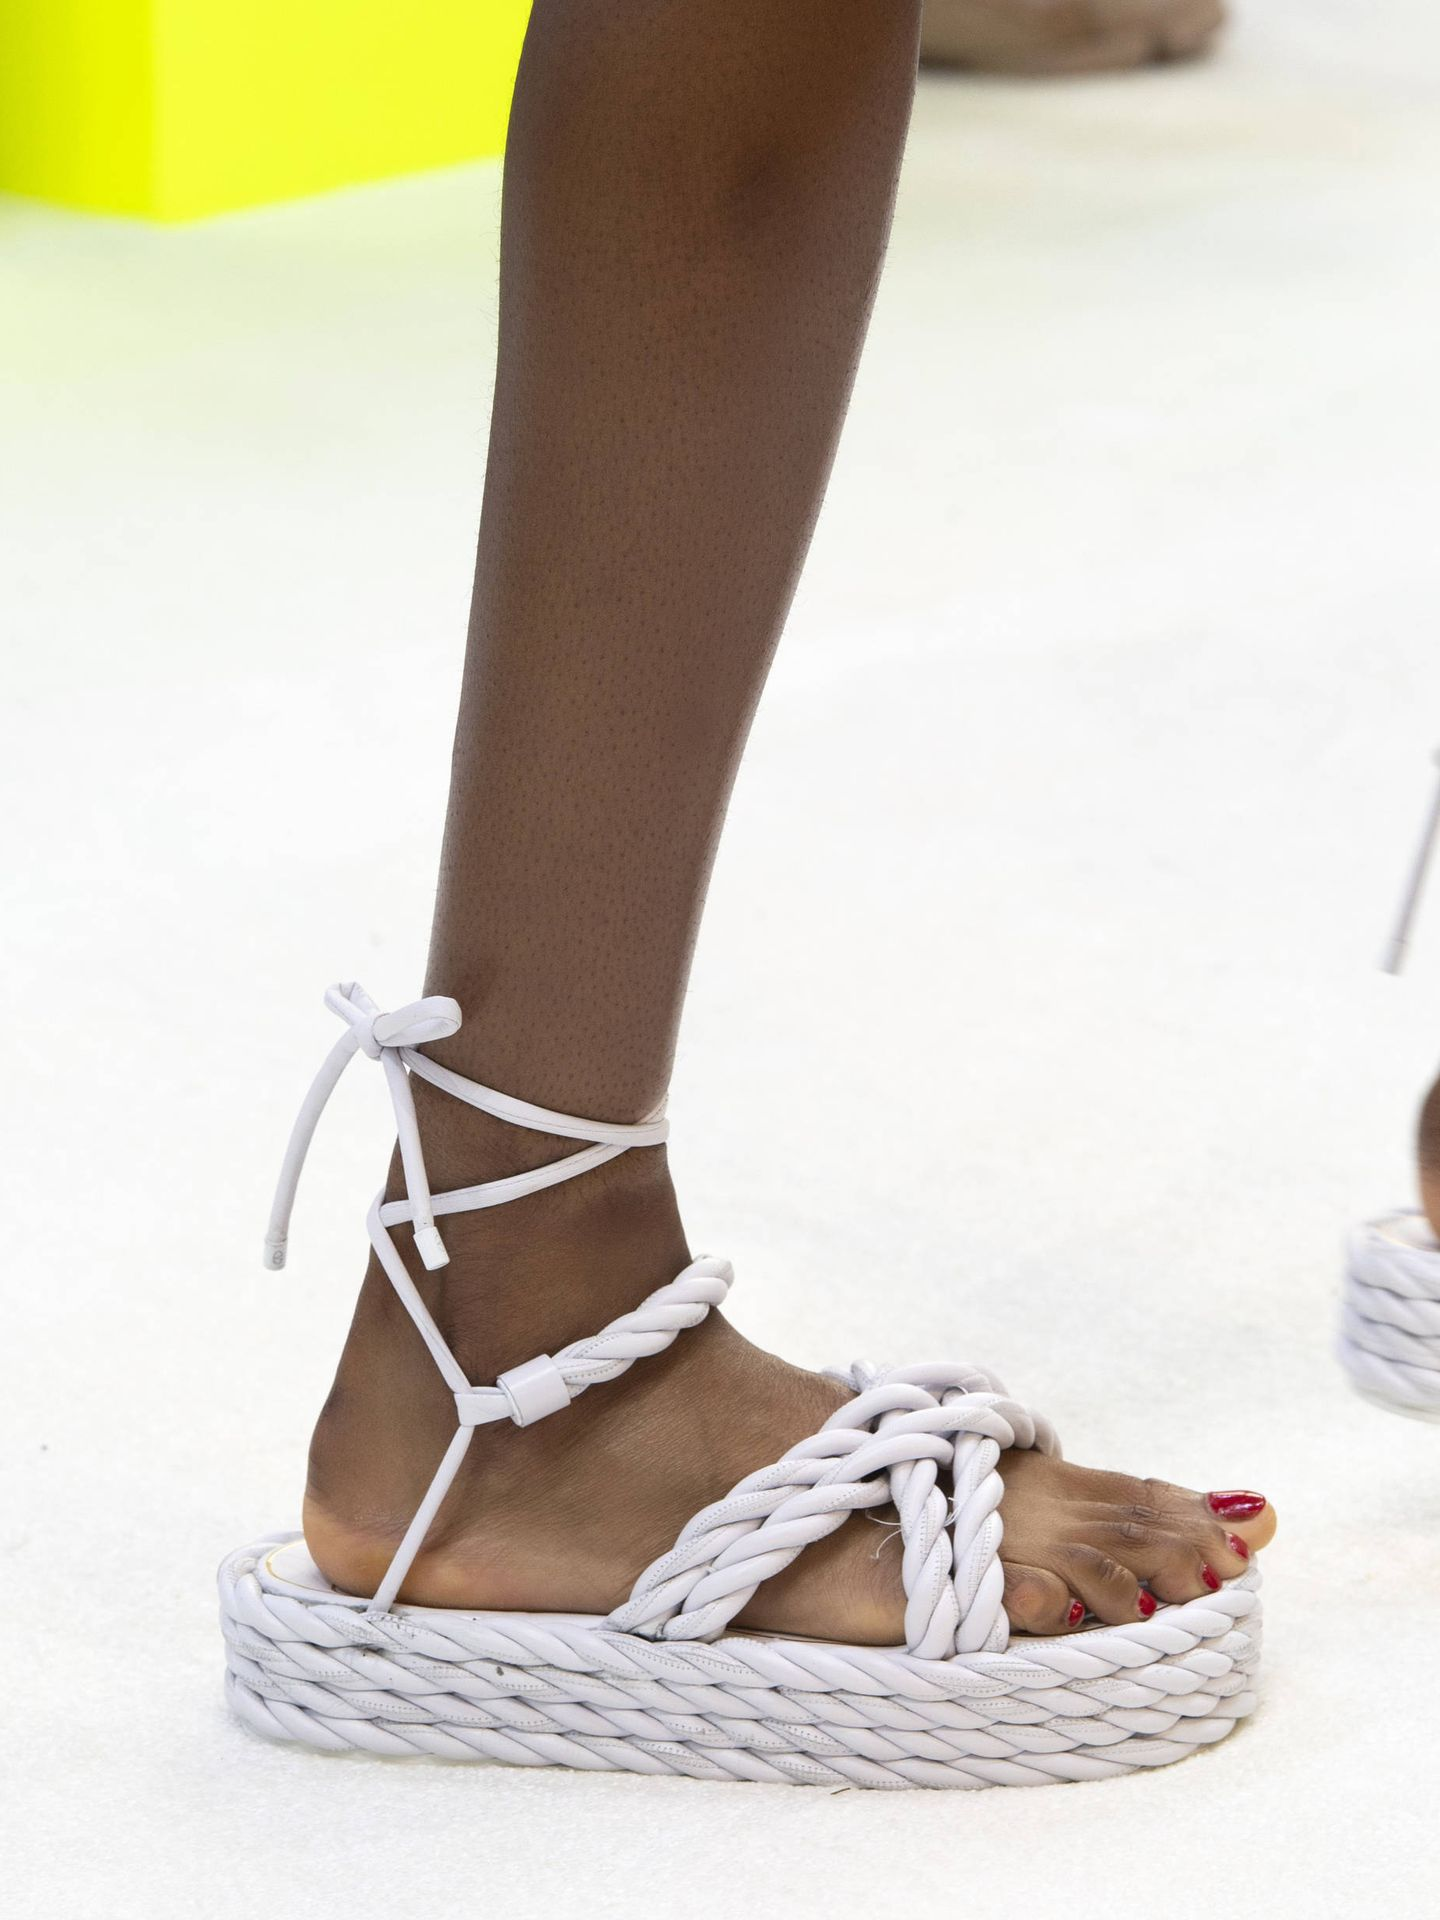 Las sandalias en el desfile de Valentino. (Imaxtree)